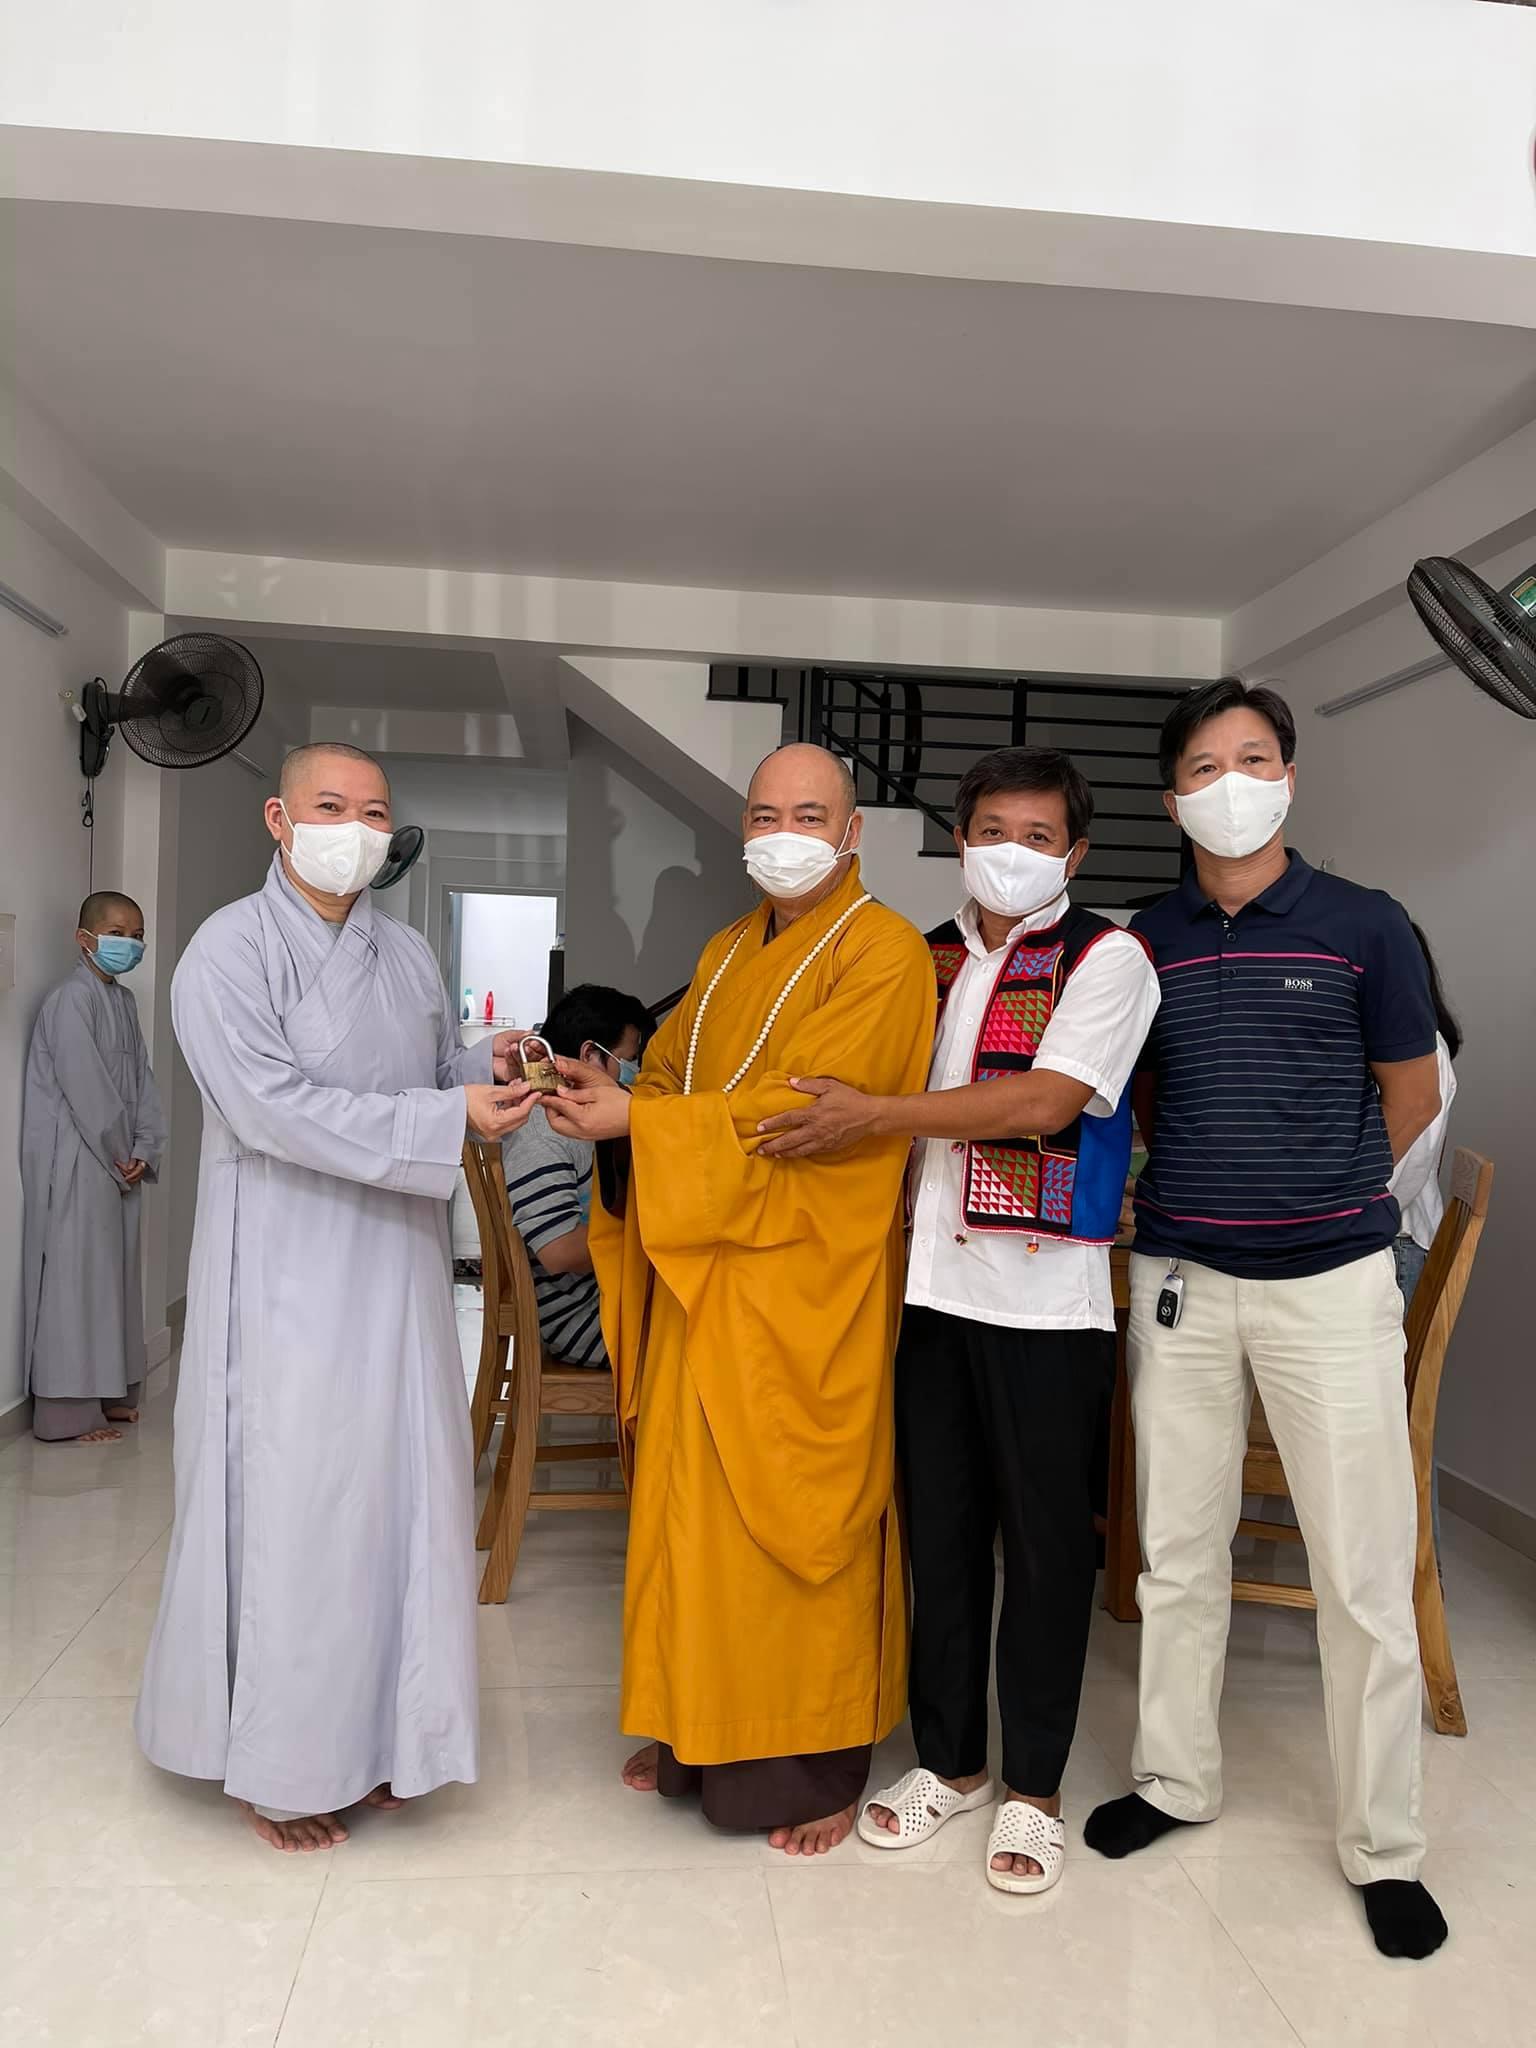 Ông Đoàn Ngọc Hải hiến tặng căn nhà 4 tầng để cưu mang người mù vô gia cư - Ảnh 2.